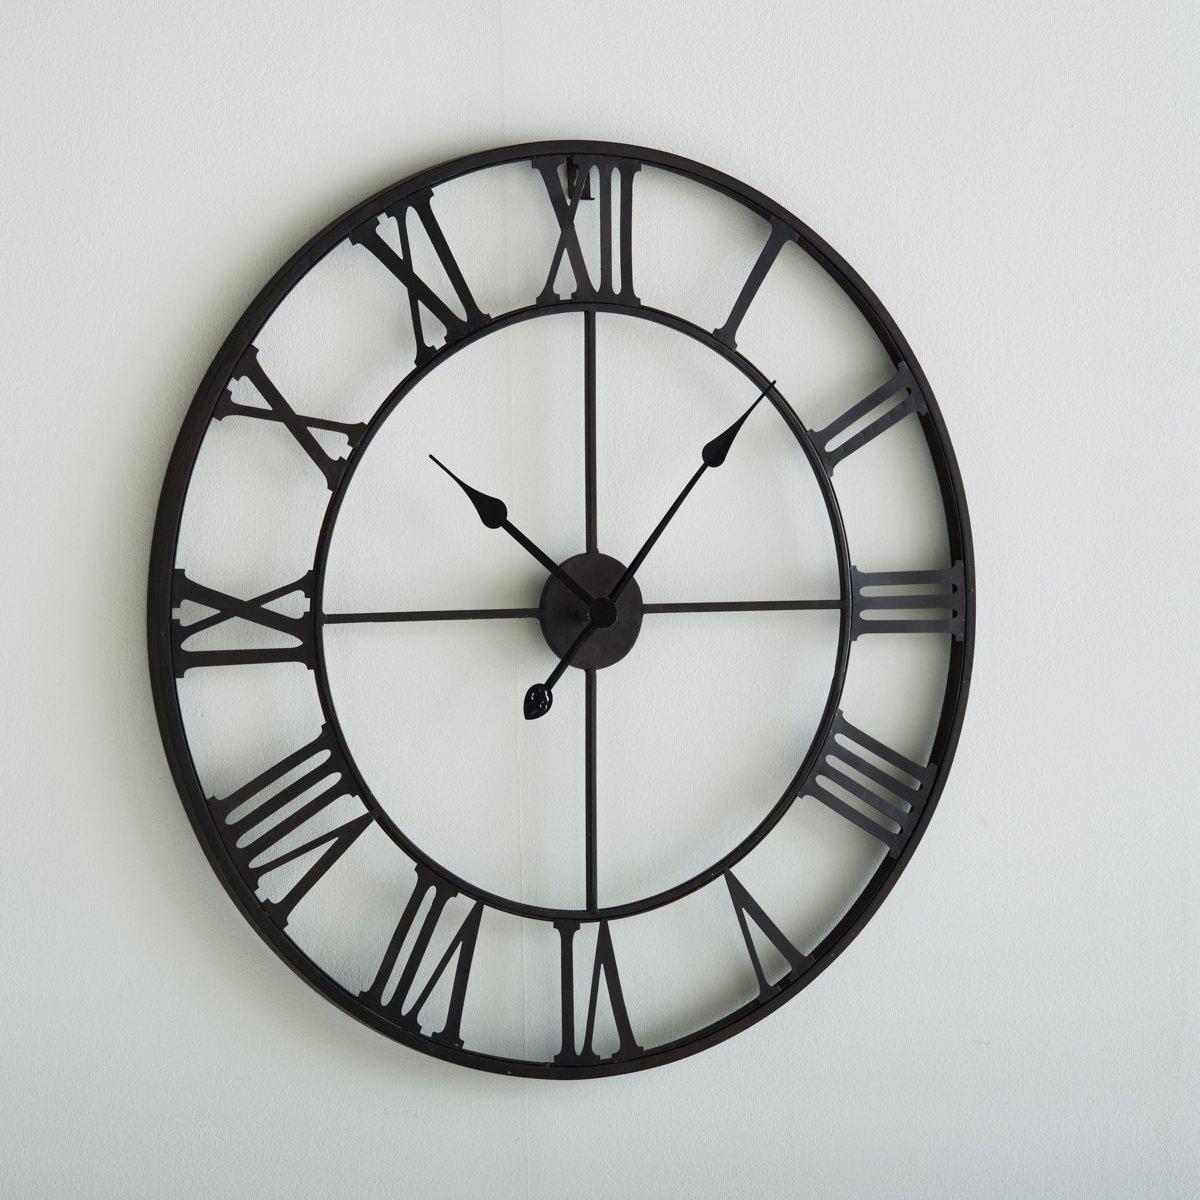 Часы настенные металлические ZivosХарактеристики настенных часов металлических  Zivos :Из металла, покрытого эпоксидной эмалью каштанового цвета, эффект состаренности .Кварцевый механизм .Работают от  1пальчиковой батарейки  AA LR06  1,5V, батарейки доступны для заказа на сайте ..Вся коллекция настенных часов на нашем веб-сайте ..Размеры :Диаметр : 70 см.<br><br>Цвет: каштановый